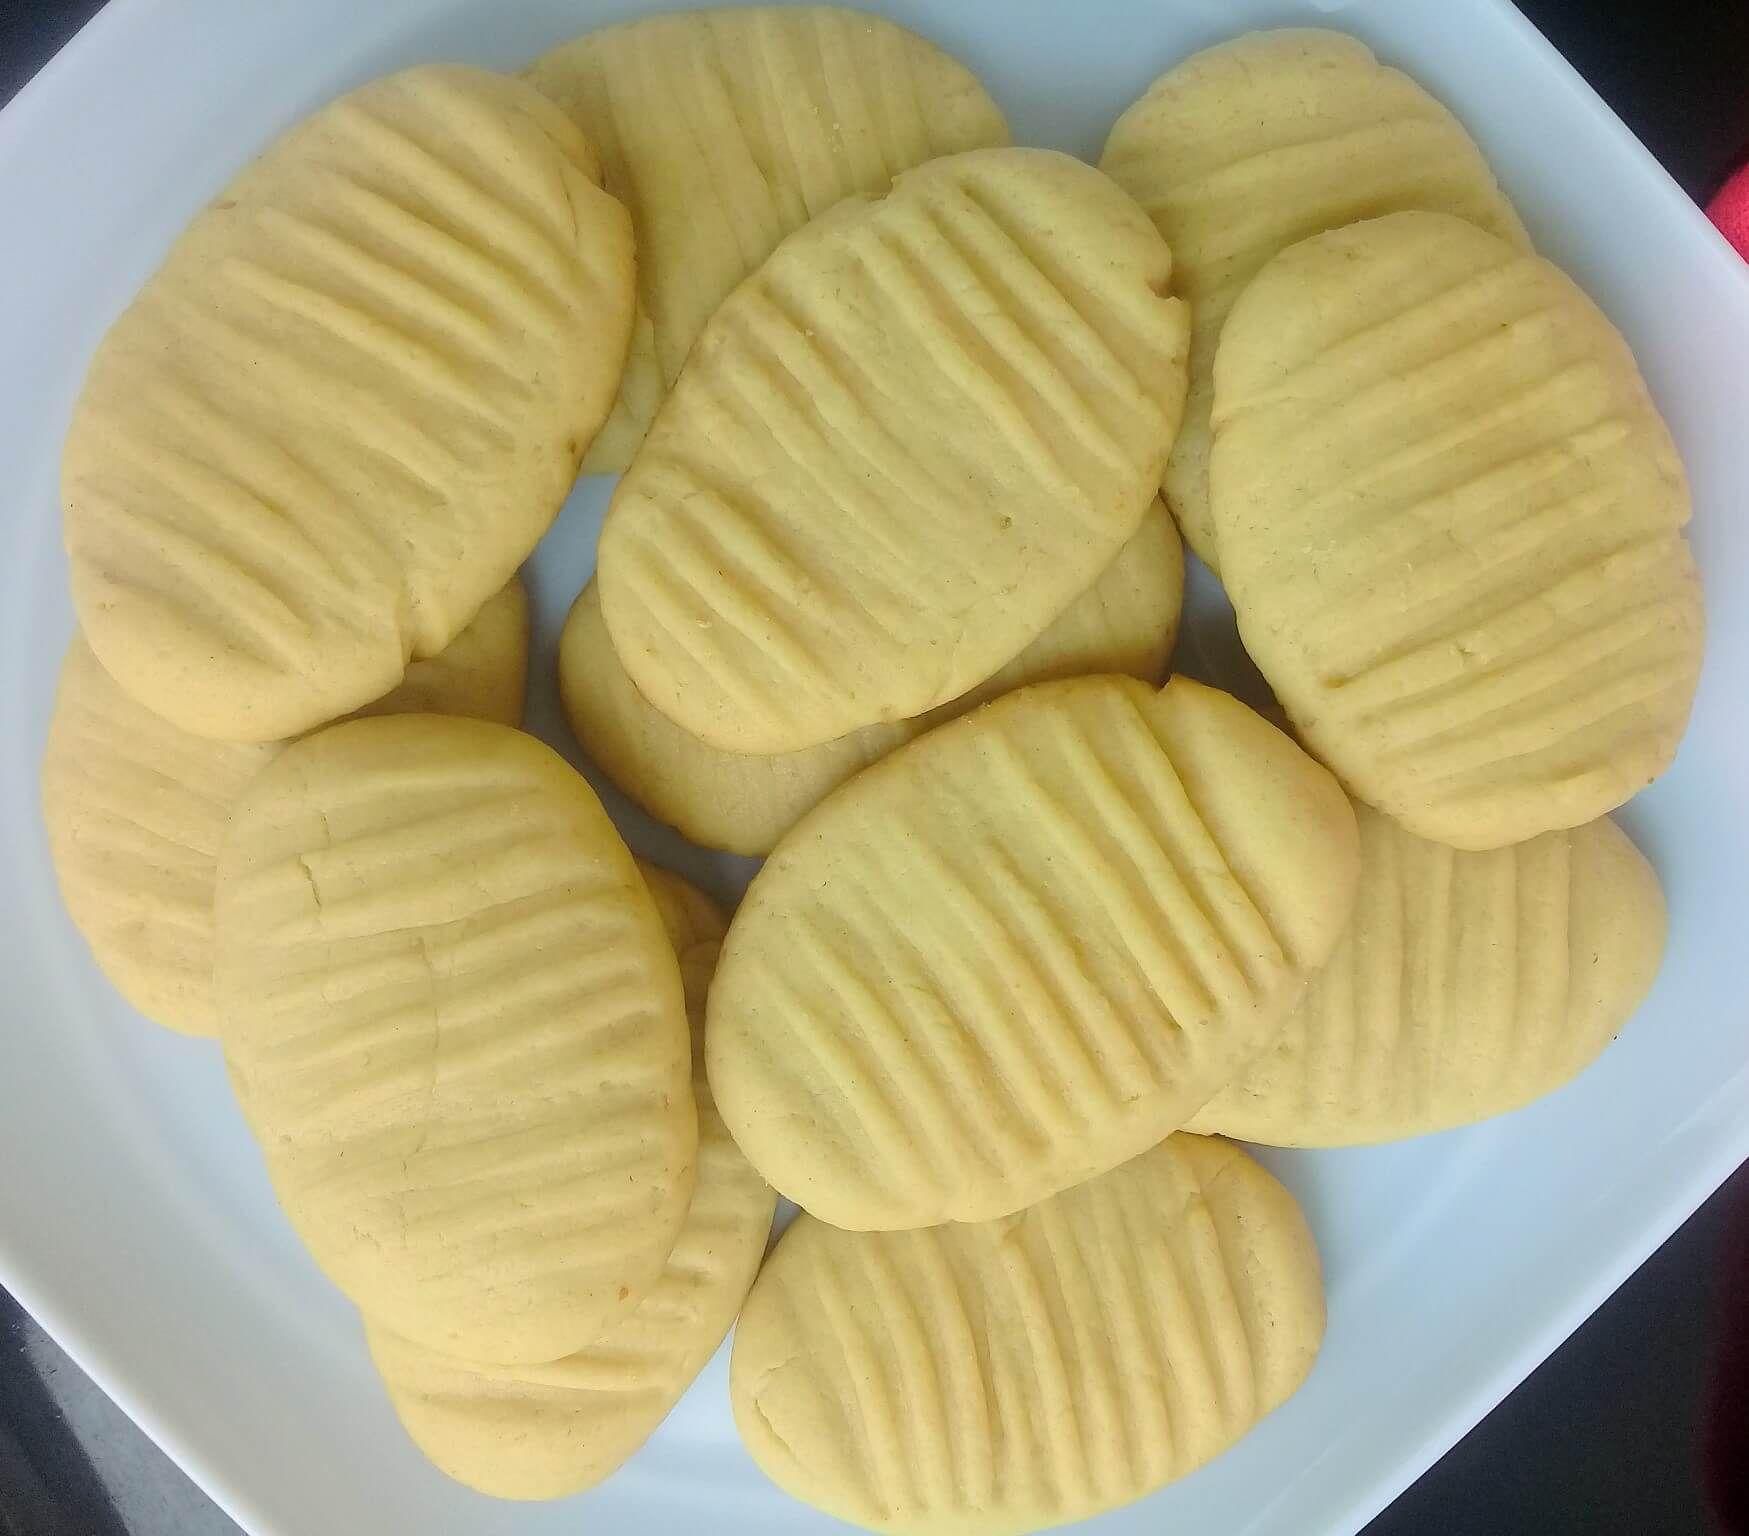 Condensed Milk Biscuits Cookies Biscuits And Ladles Recipe Condensed Milk Biscuits Baking Recipes Cookies Milk Biscuits